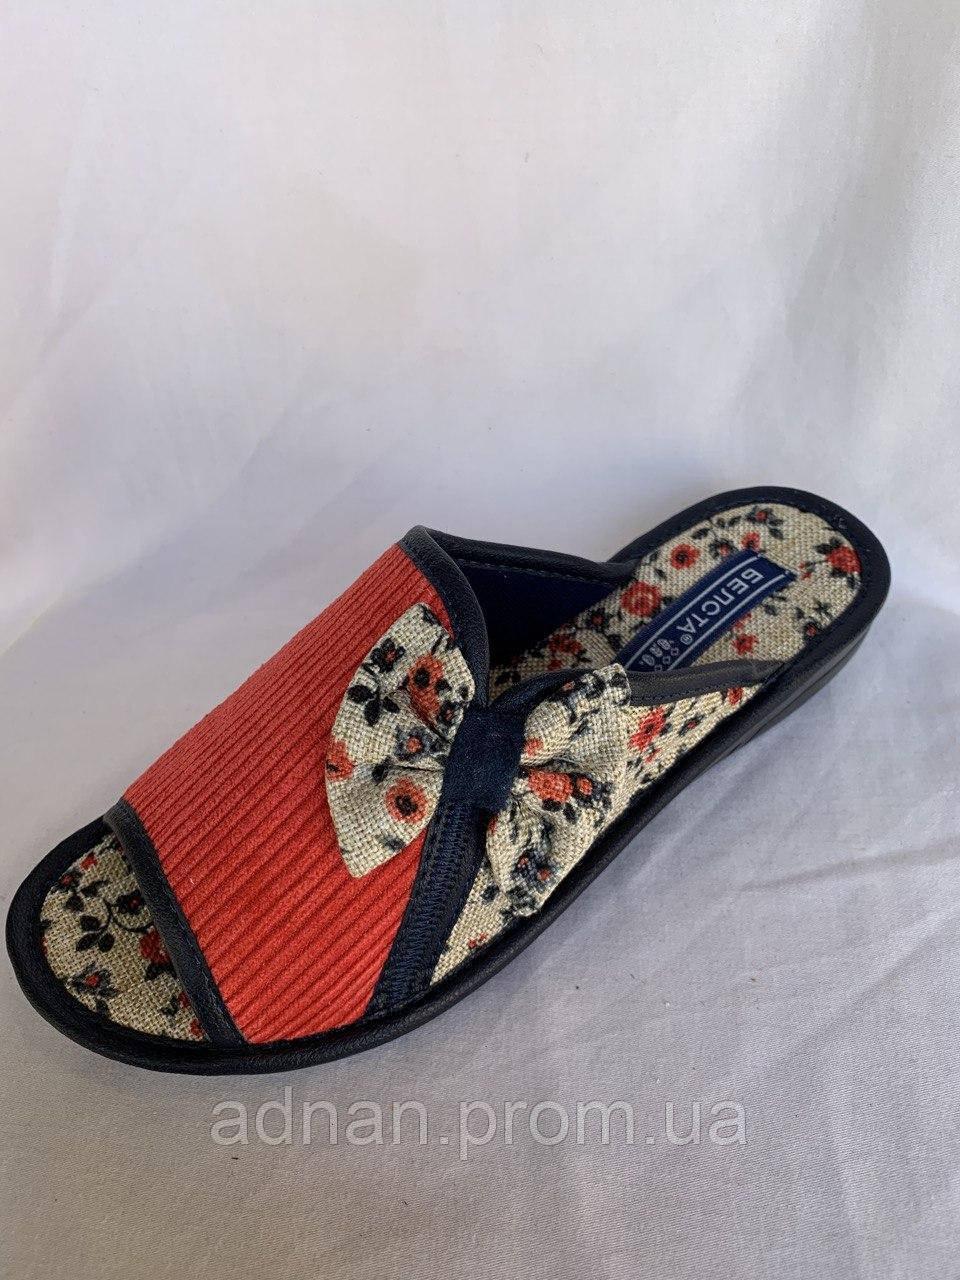 Тапочки женские БЕЛСТА открытые 6 пар в упаковке,004 Украина/ купить тапочки оптом